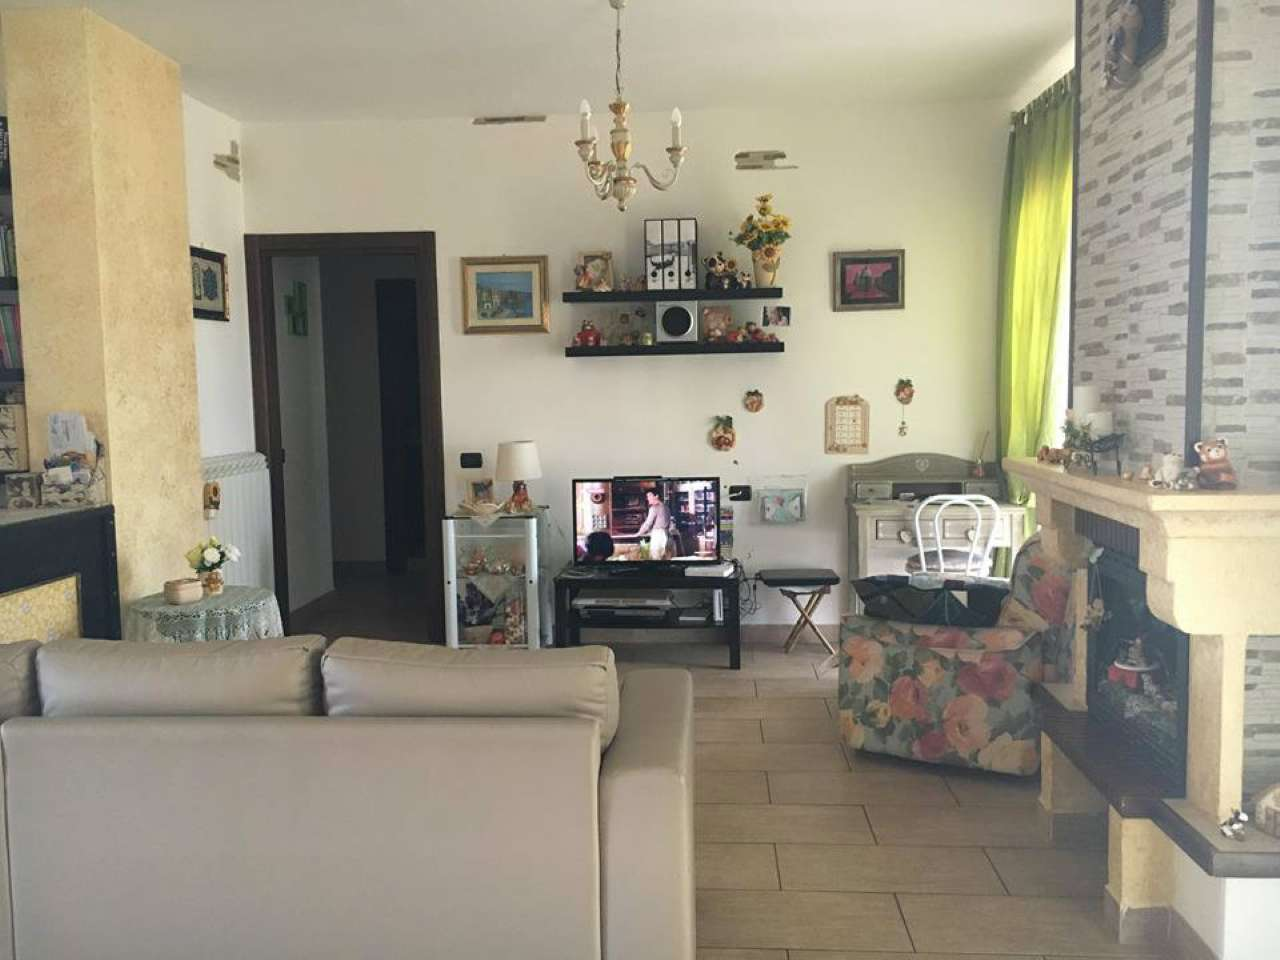 Appartamento in vendita a Massafra, 4 locali, prezzo € 175.000 | CambioCasa.it